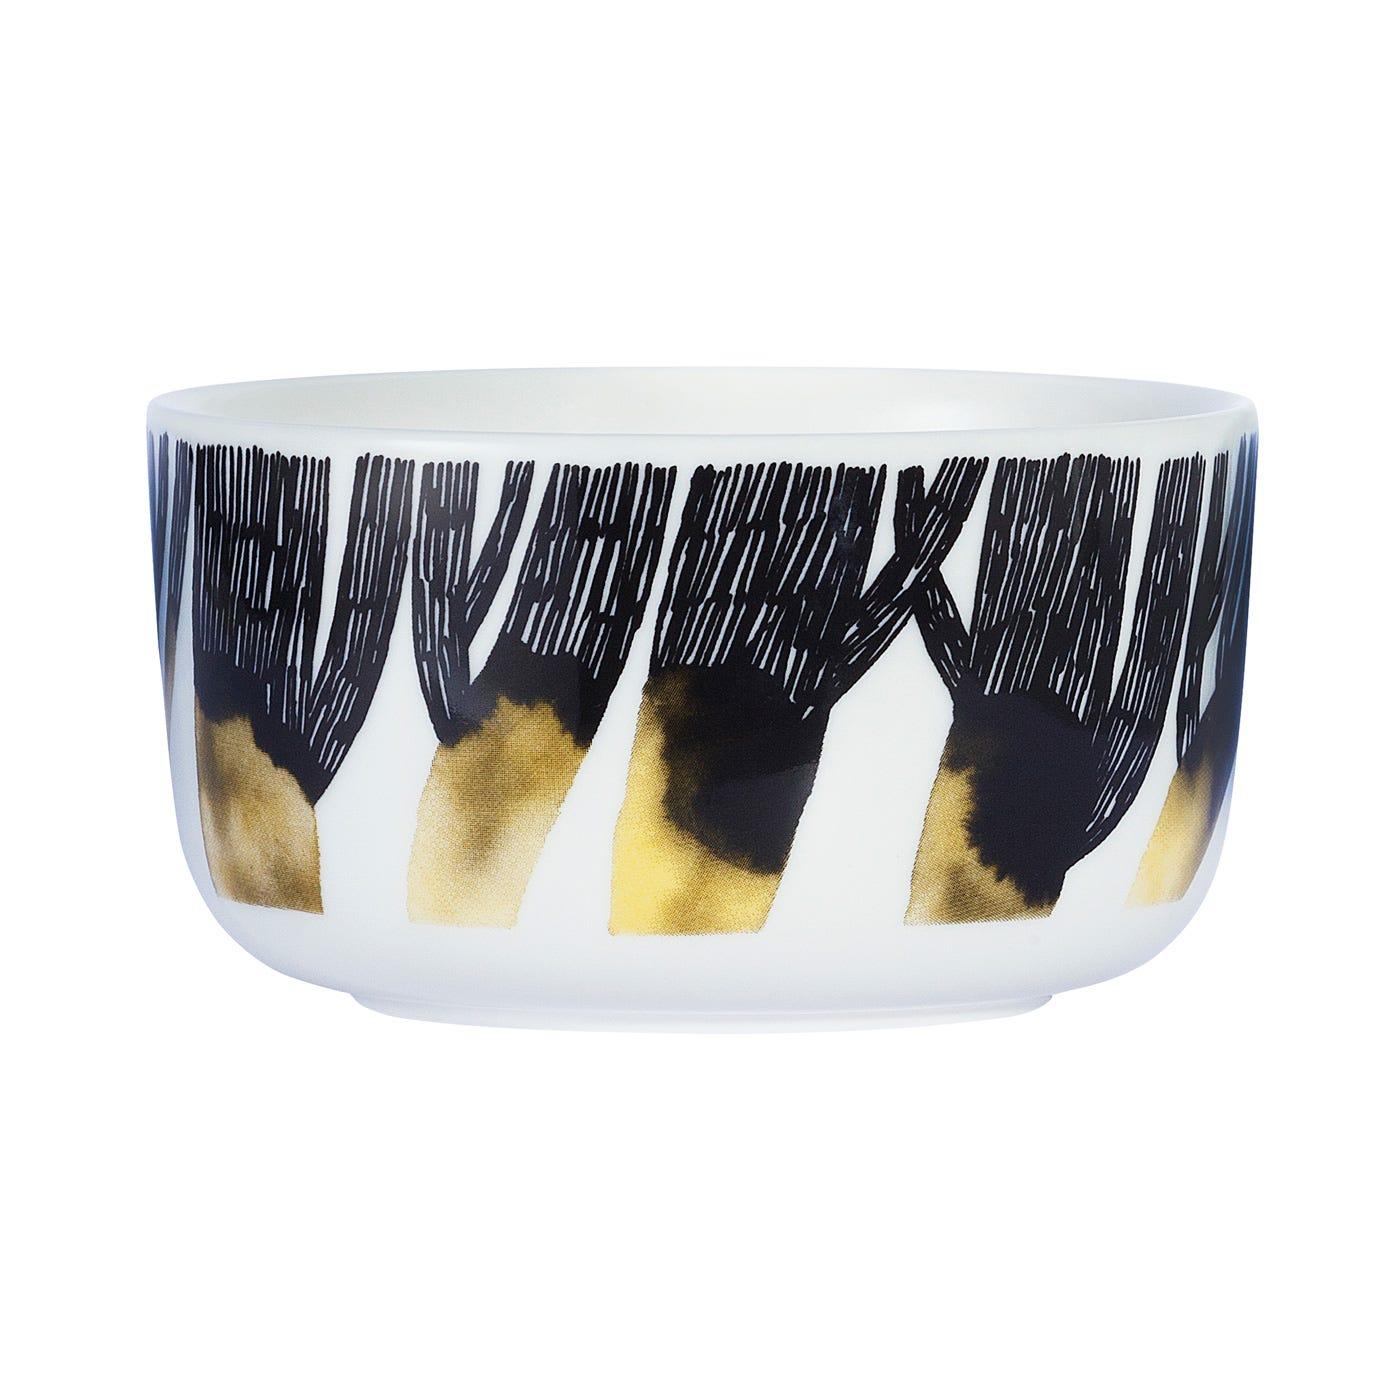 Marimekko Weather Diary White Black Yellow Bowl